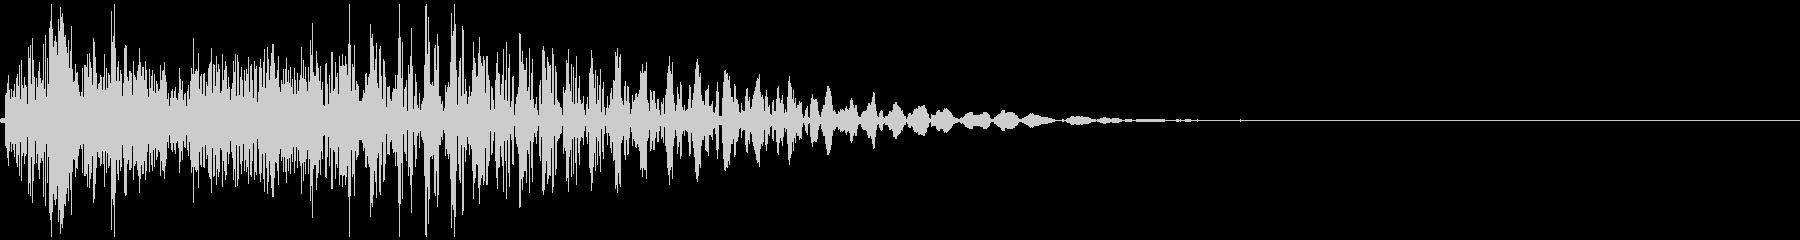 「カン」 麻雀ゲームのシステムボイスにの未再生の波形